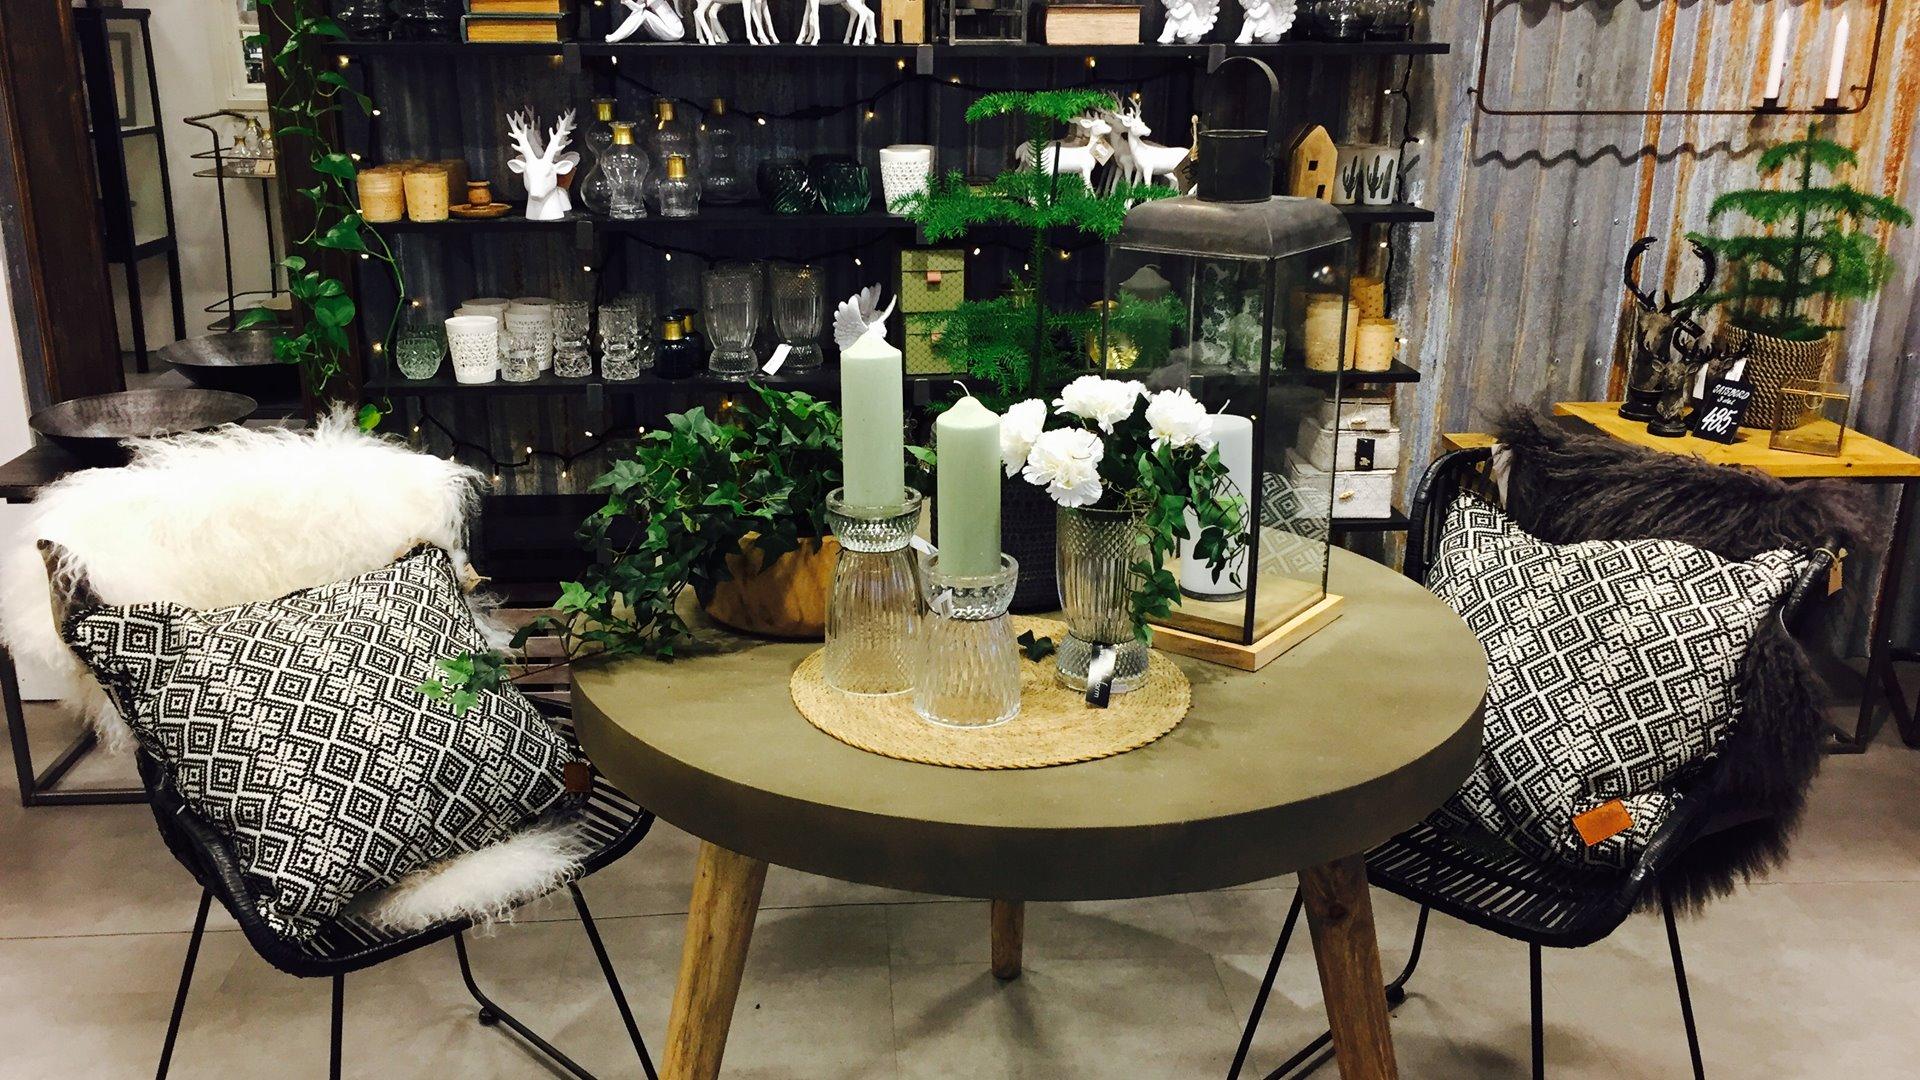 inredningsbutik - Välkommen till vår inredningsbutik i Möckelö! Hos oss hittar du bl.a. möbler, textiler och trädgårdsprodukter.